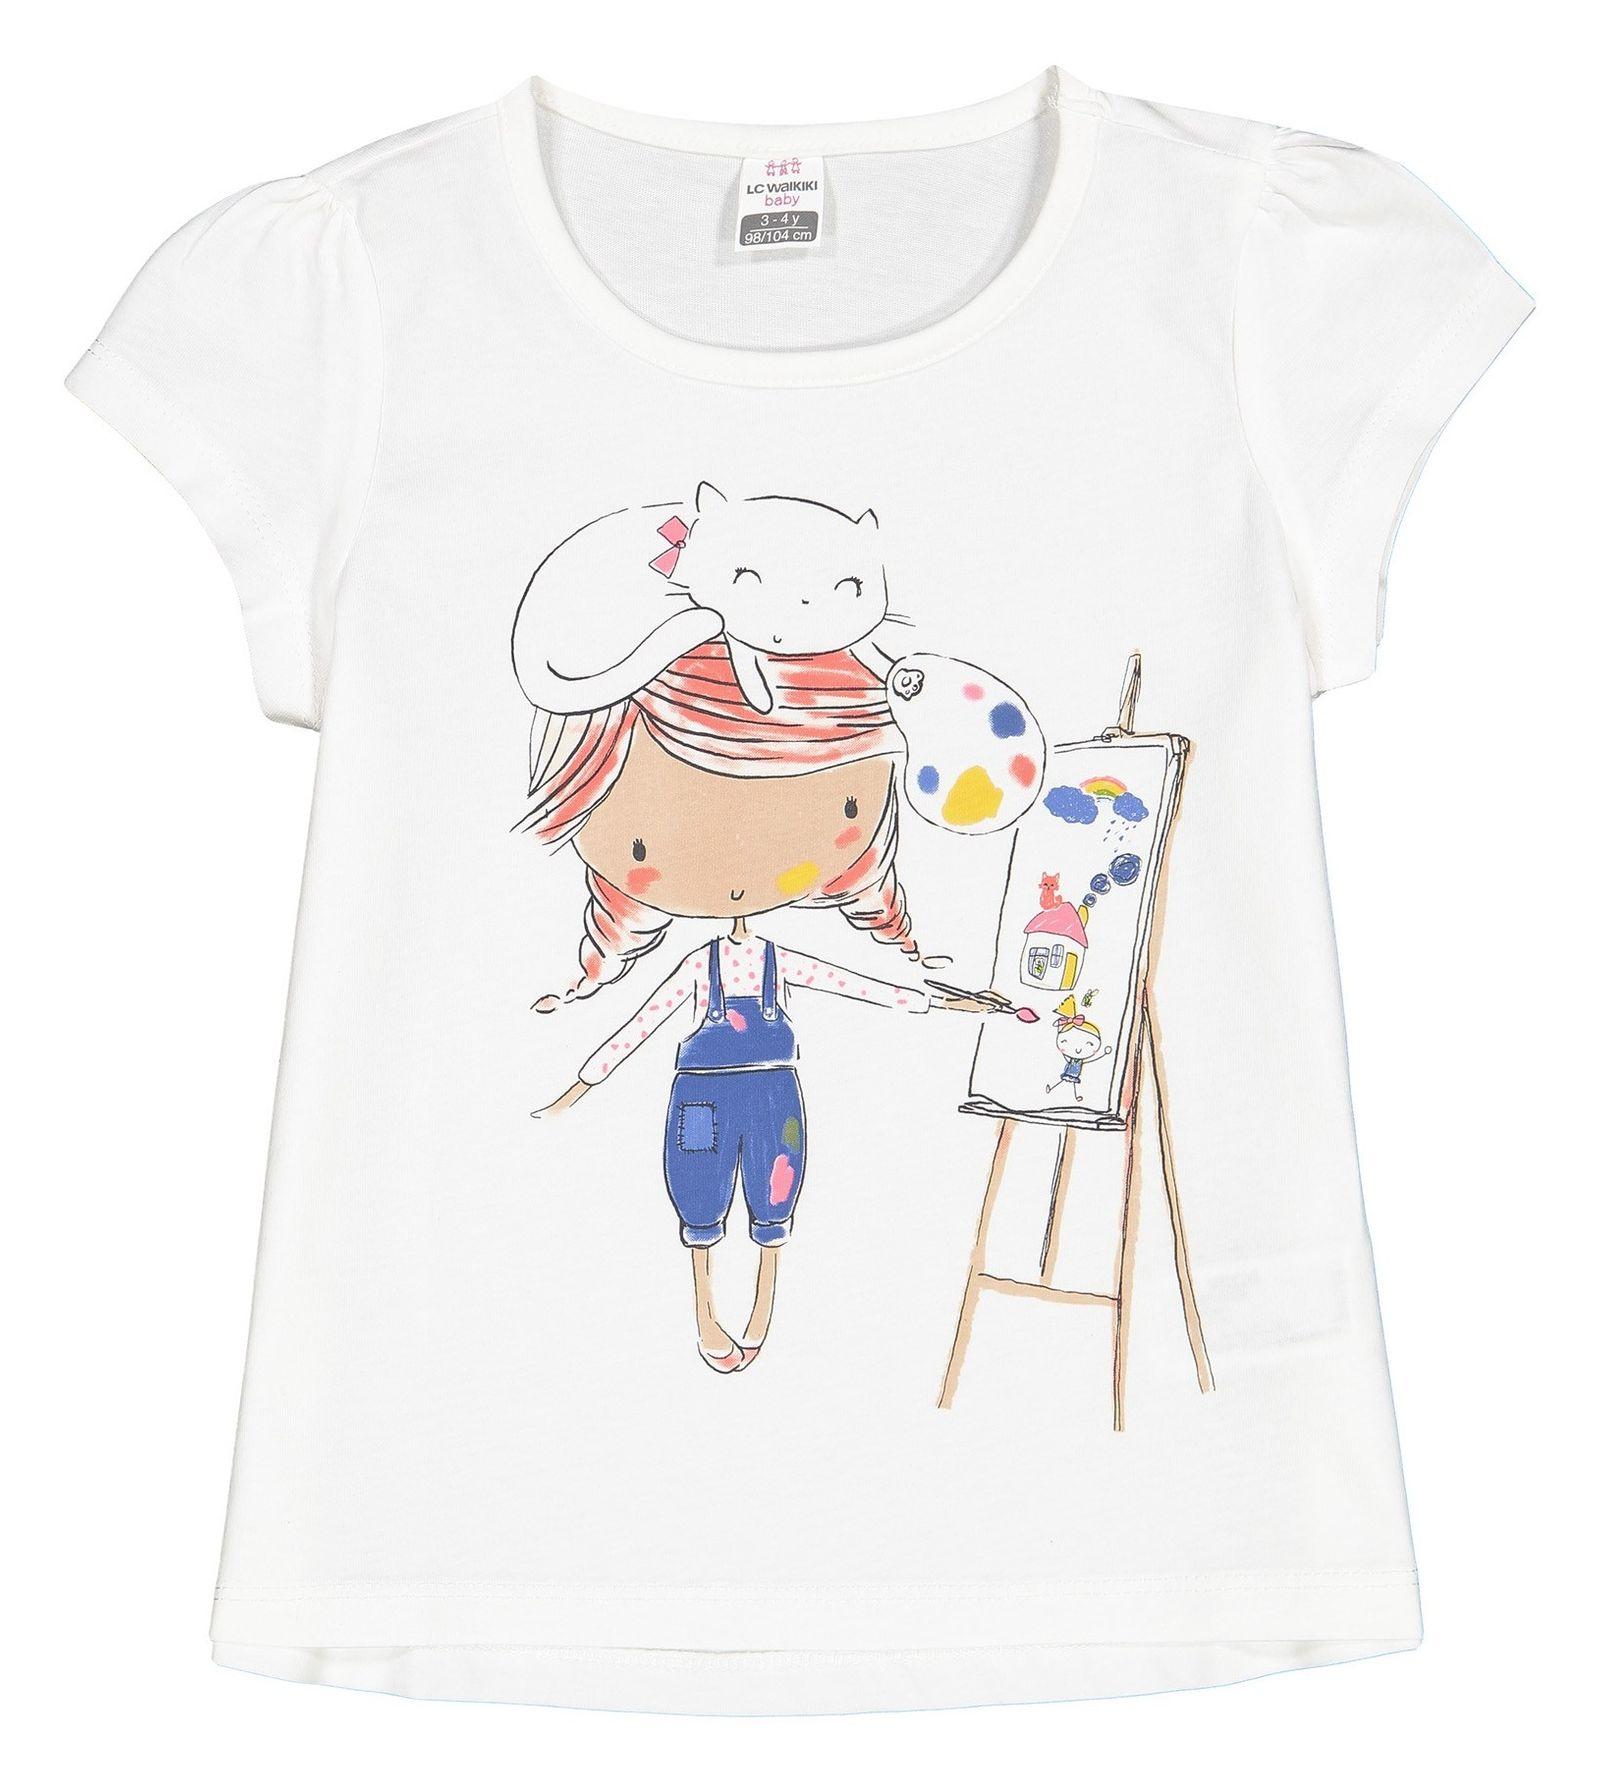 تی شرت نخی طرح دار نوزادی دخترانه - ال سی وایکیکی - سفيد - 1